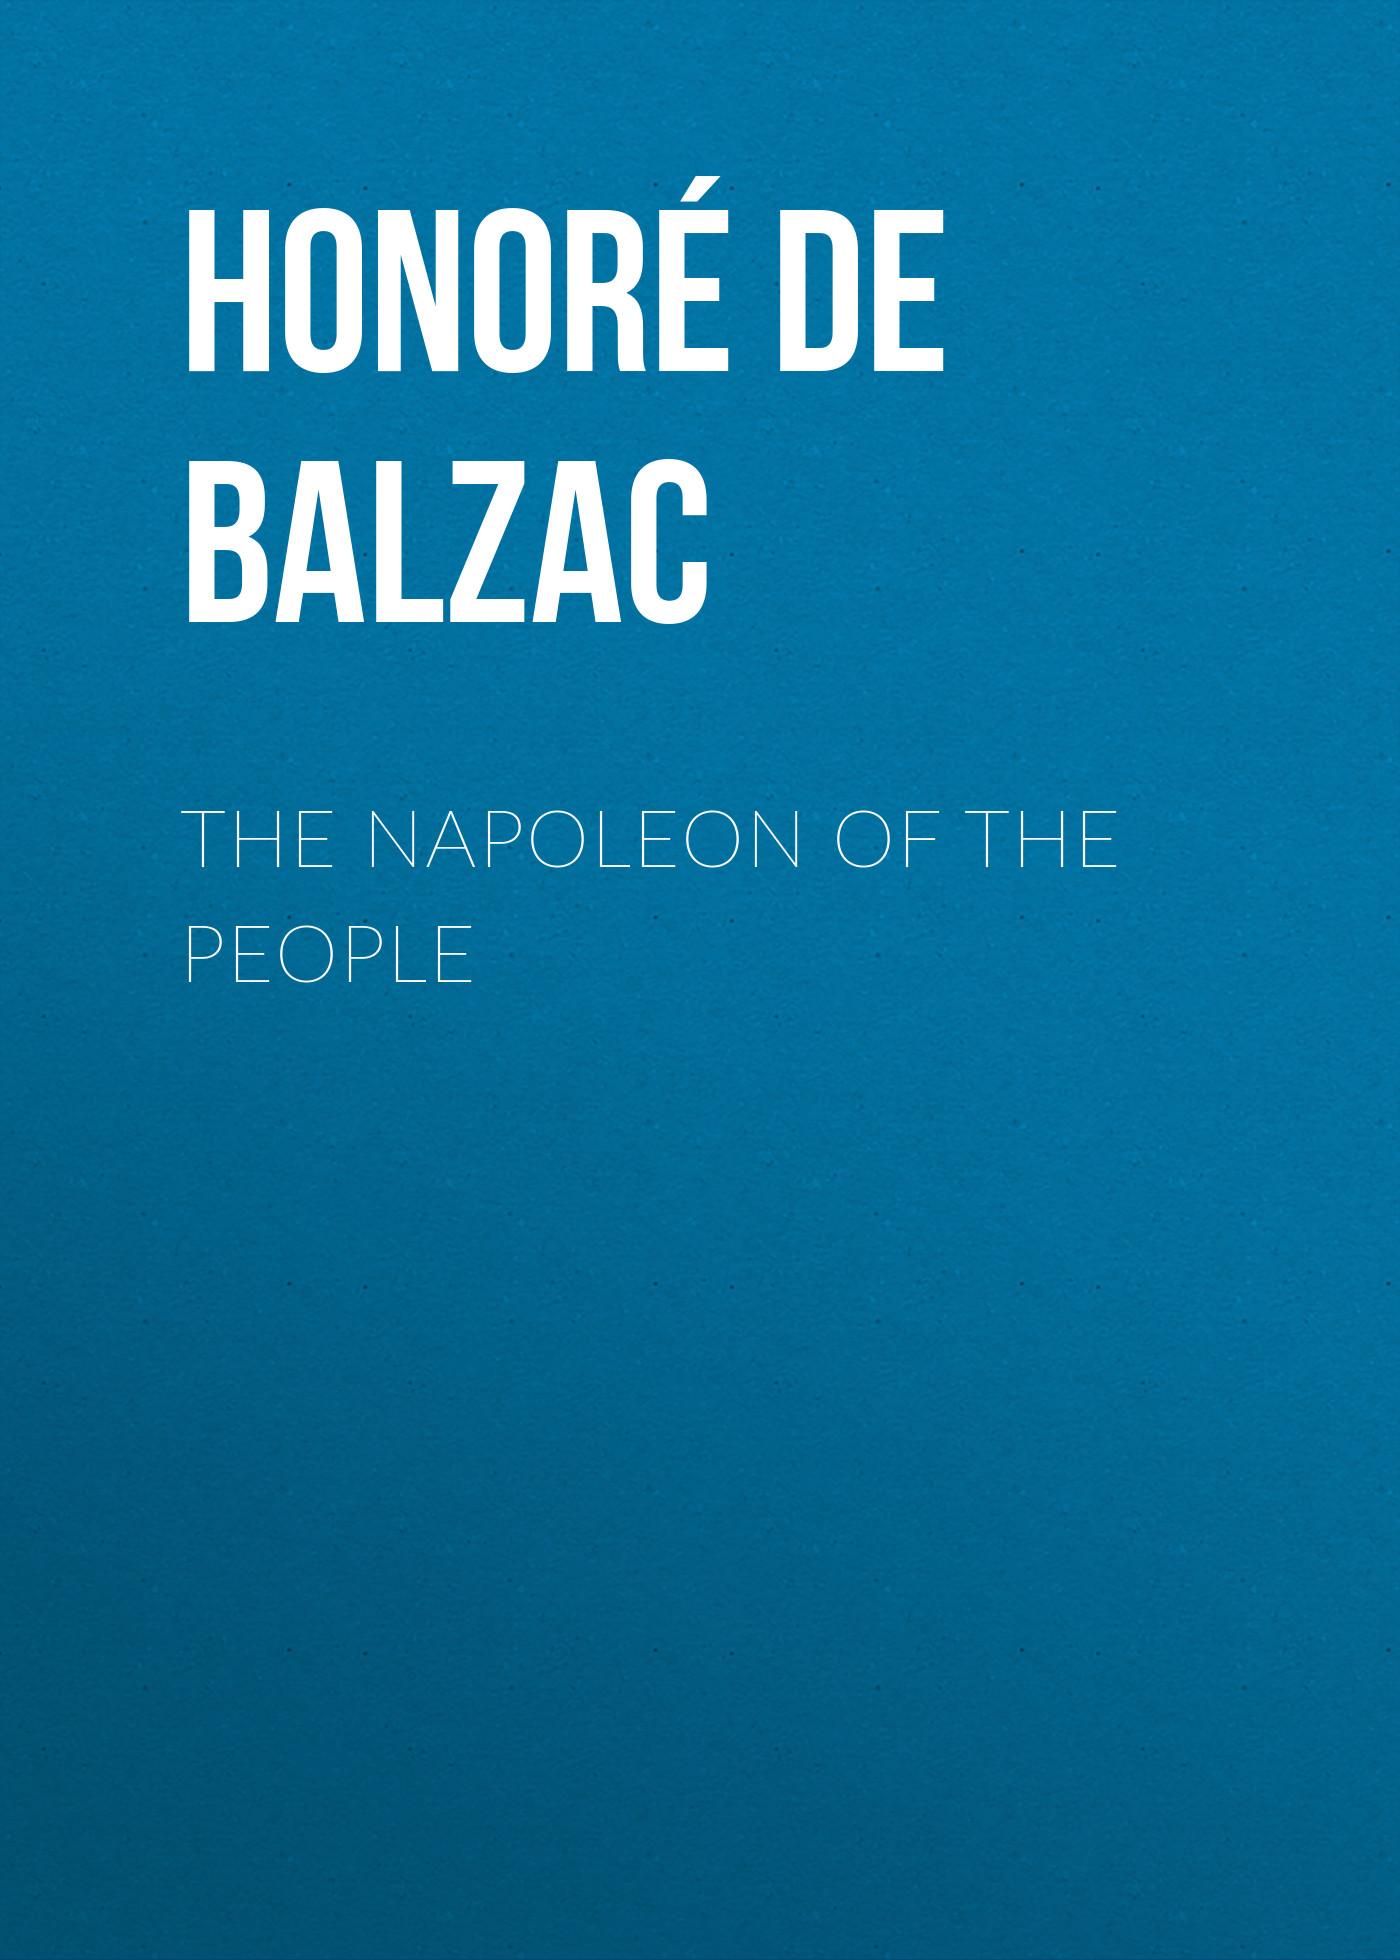 цена на Оноре де Бальзак The Napoleon of the People